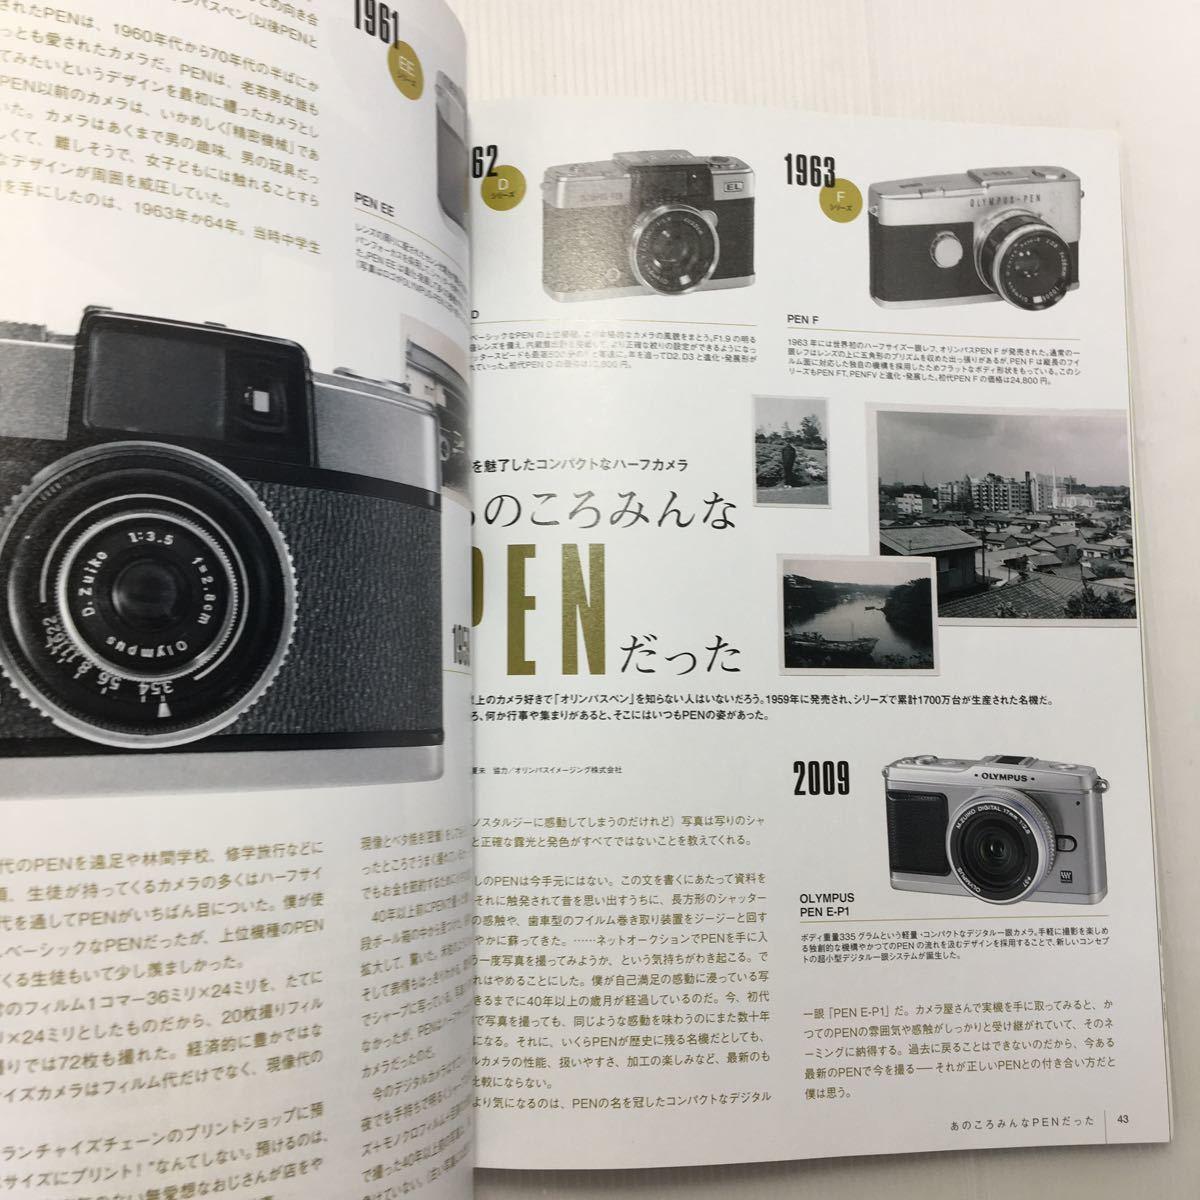 zaa-055★大人の科学マガジン Vol.25(二眼レフカメラ)学研ムック 大人の科学マガジンシリーズ《付録35mm二眼レフカメラは付きません》_画像5